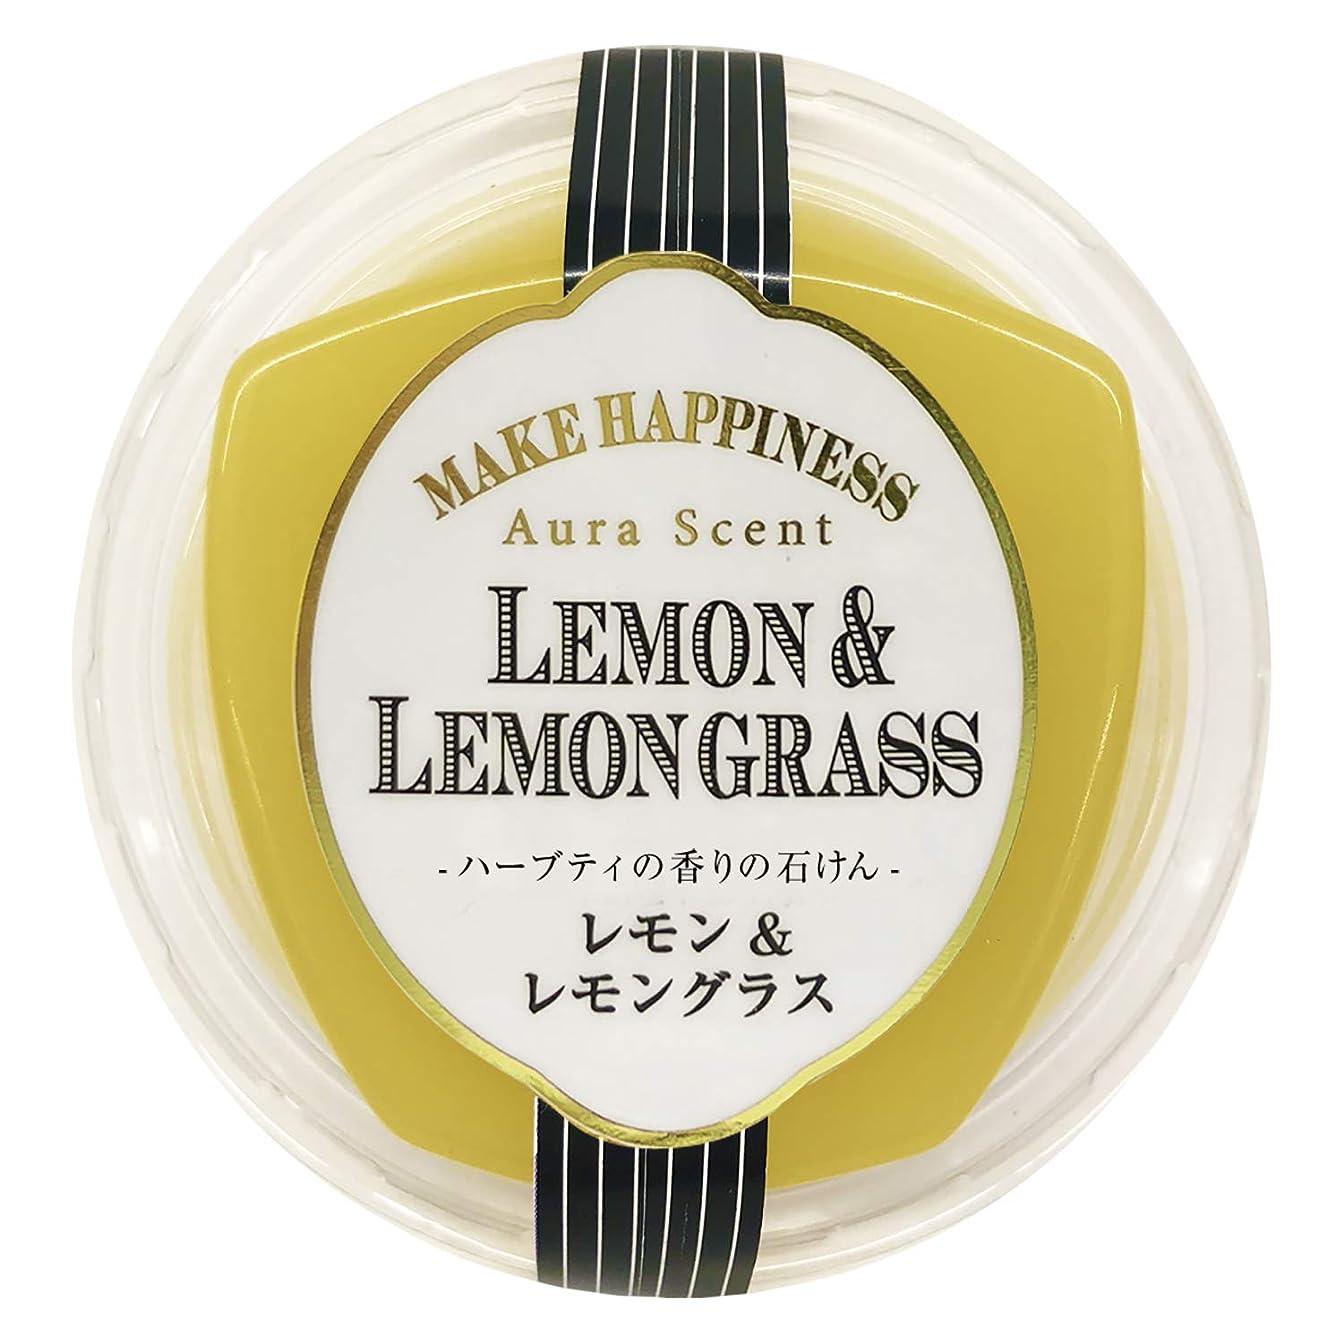 技術的なゴミ突進ペリカン石鹸 オーラセント クリアソープ レモン&レモングラス 75g